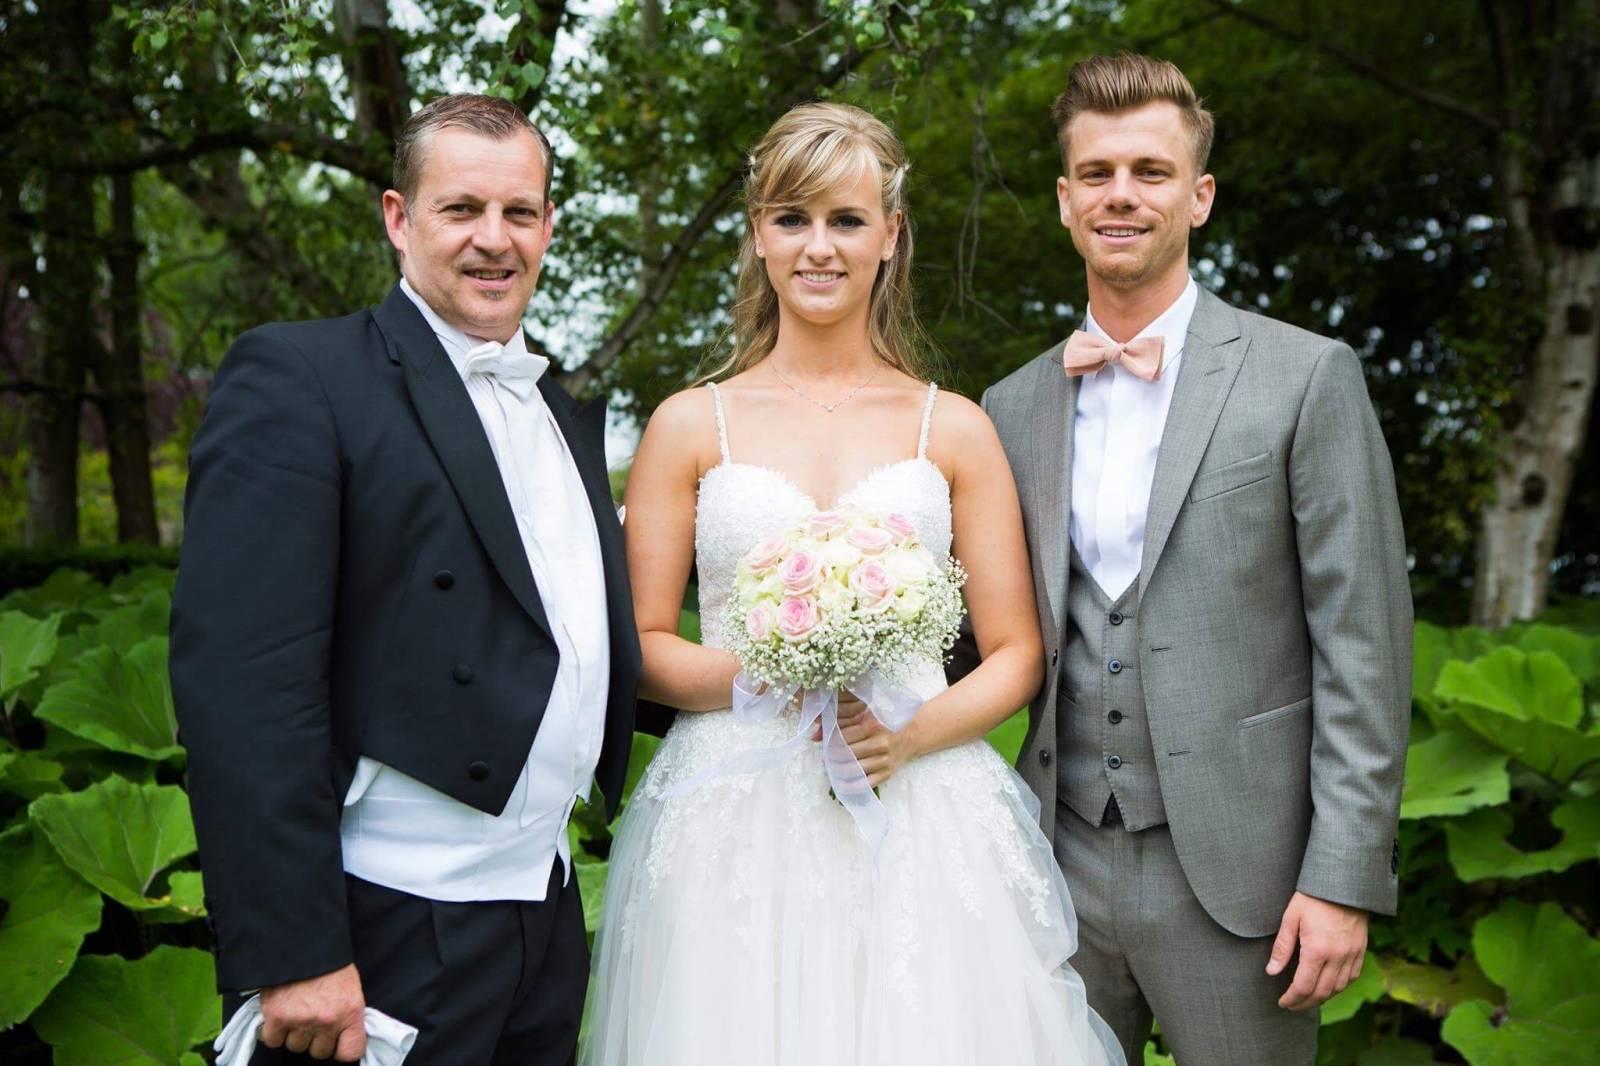 Youniekmemories - Ceremoniemeester - House of Weddings - 20